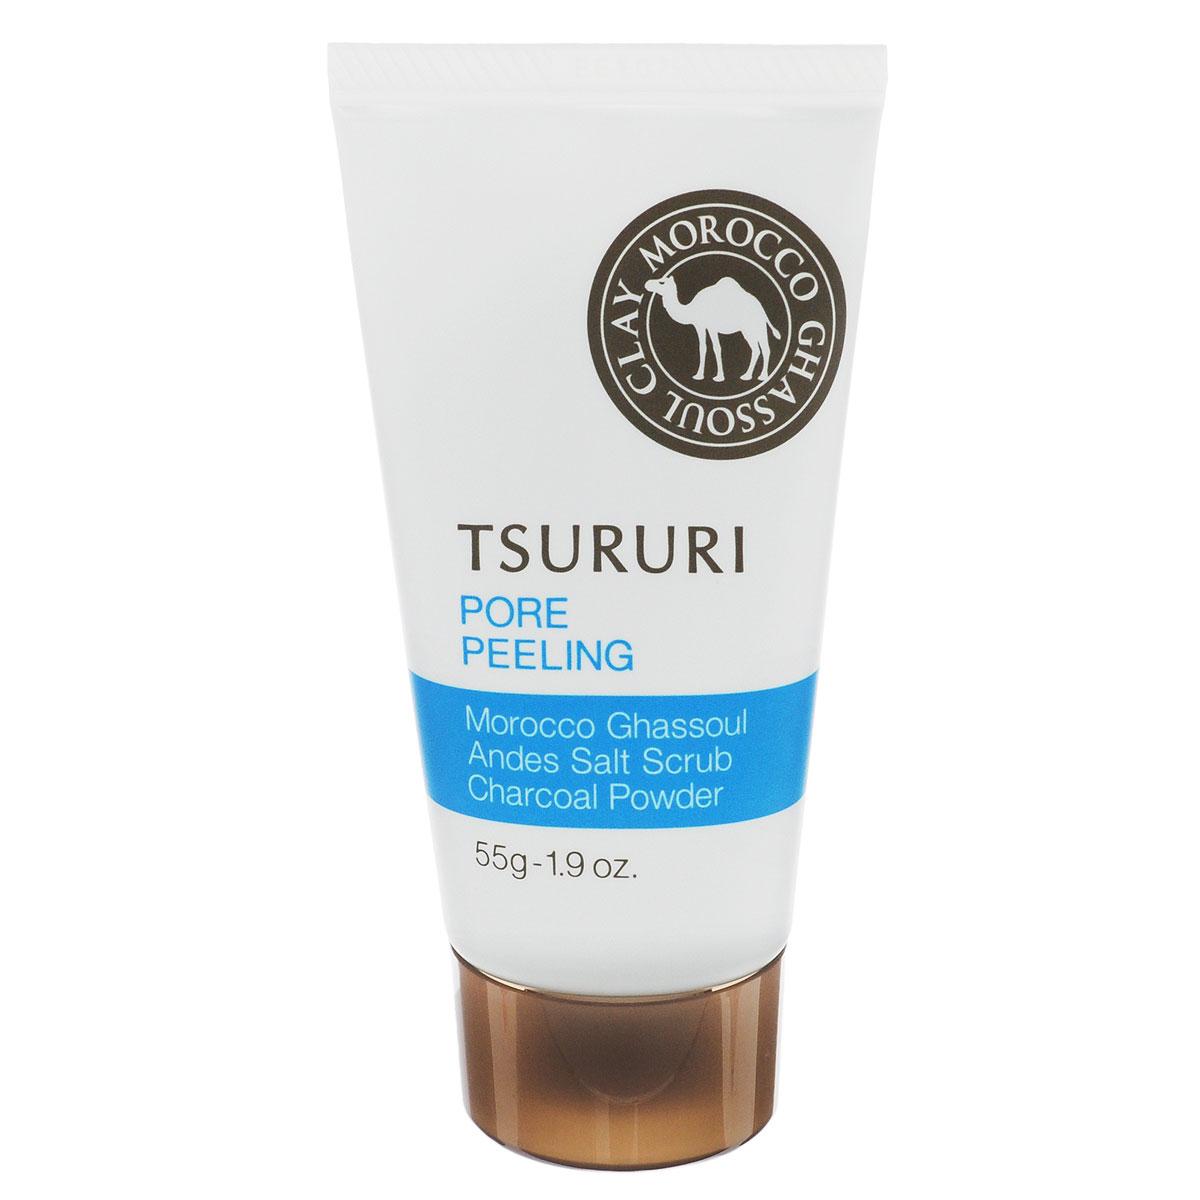 BCL Пилинг для лица Tsururi, очищающий поры, 55 г046455В порах кожи скапливаются загрязнения, продукты выделения сальных желез и остатки косметических средств (пудры, тонального крема). Активные компоненты пилинг-геля, глубоко проникая в поры кожи, абсорбируют и удаляют загрязнения, которые, как известно, часто становятся причиной появления черных точек и расширенных пор. Мельчайшие частицы пилинга скатывают загрязнения, способствуя их быстрому и эффективному удалению из пор. Пилинг глубоко очищает, разглаживает, смягчает кожу, выравнивает ее цвет. Активные компоненты: - Марокканская глина Гассуль - природный очищающий компонент; - гранулы активированного древесного угля обладают абсорбирующими свойствами; - частицы каменной соли отшелушивают ороговевшие участки кожи; - экстракт артишока сужает поры; - гиалуроновая кислота увлажняет; - экстракт перечной мяты и ментол – охлаждающие компоненты.Обладает освежающим ароматом грейпфрута. Товар сертифицирован.